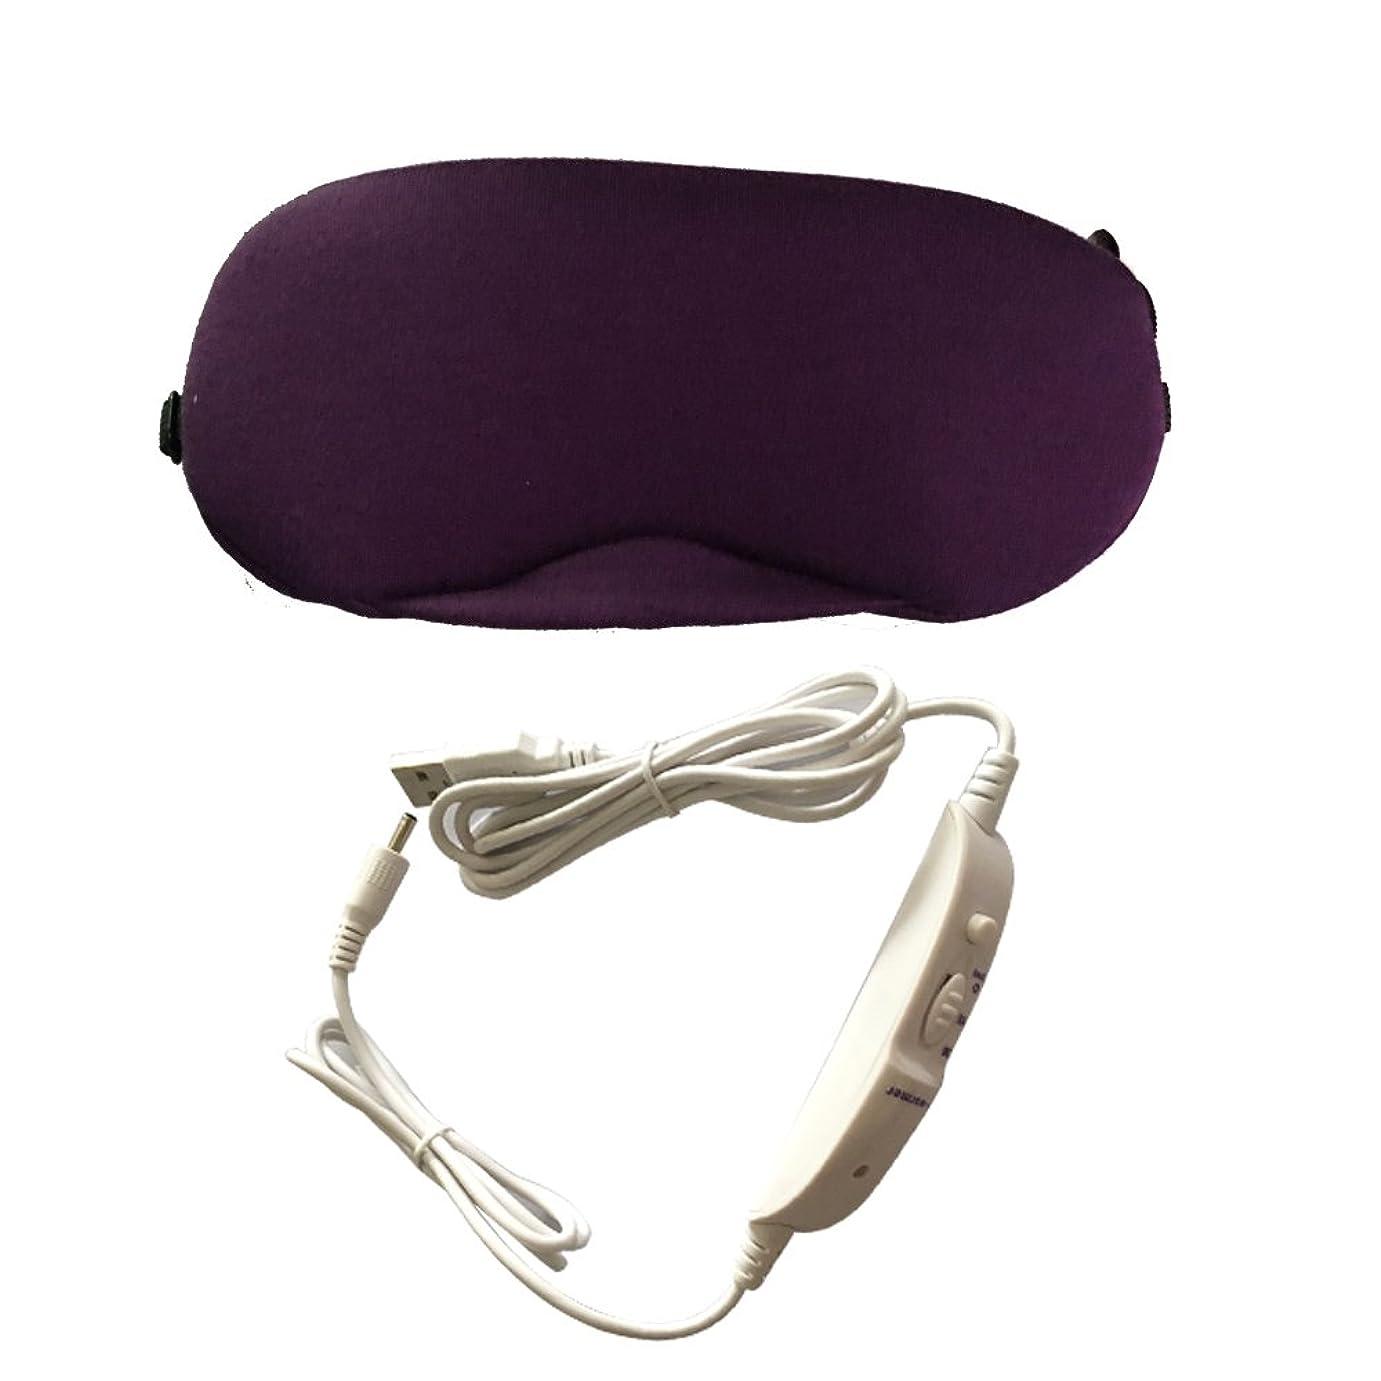 抑圧リム影のある雑貨の国のアリス USBホットアイマスク HOTマスク パープル 電熱式 タイマー設定 温度調節 洗える 通気性 [並行輸入品]